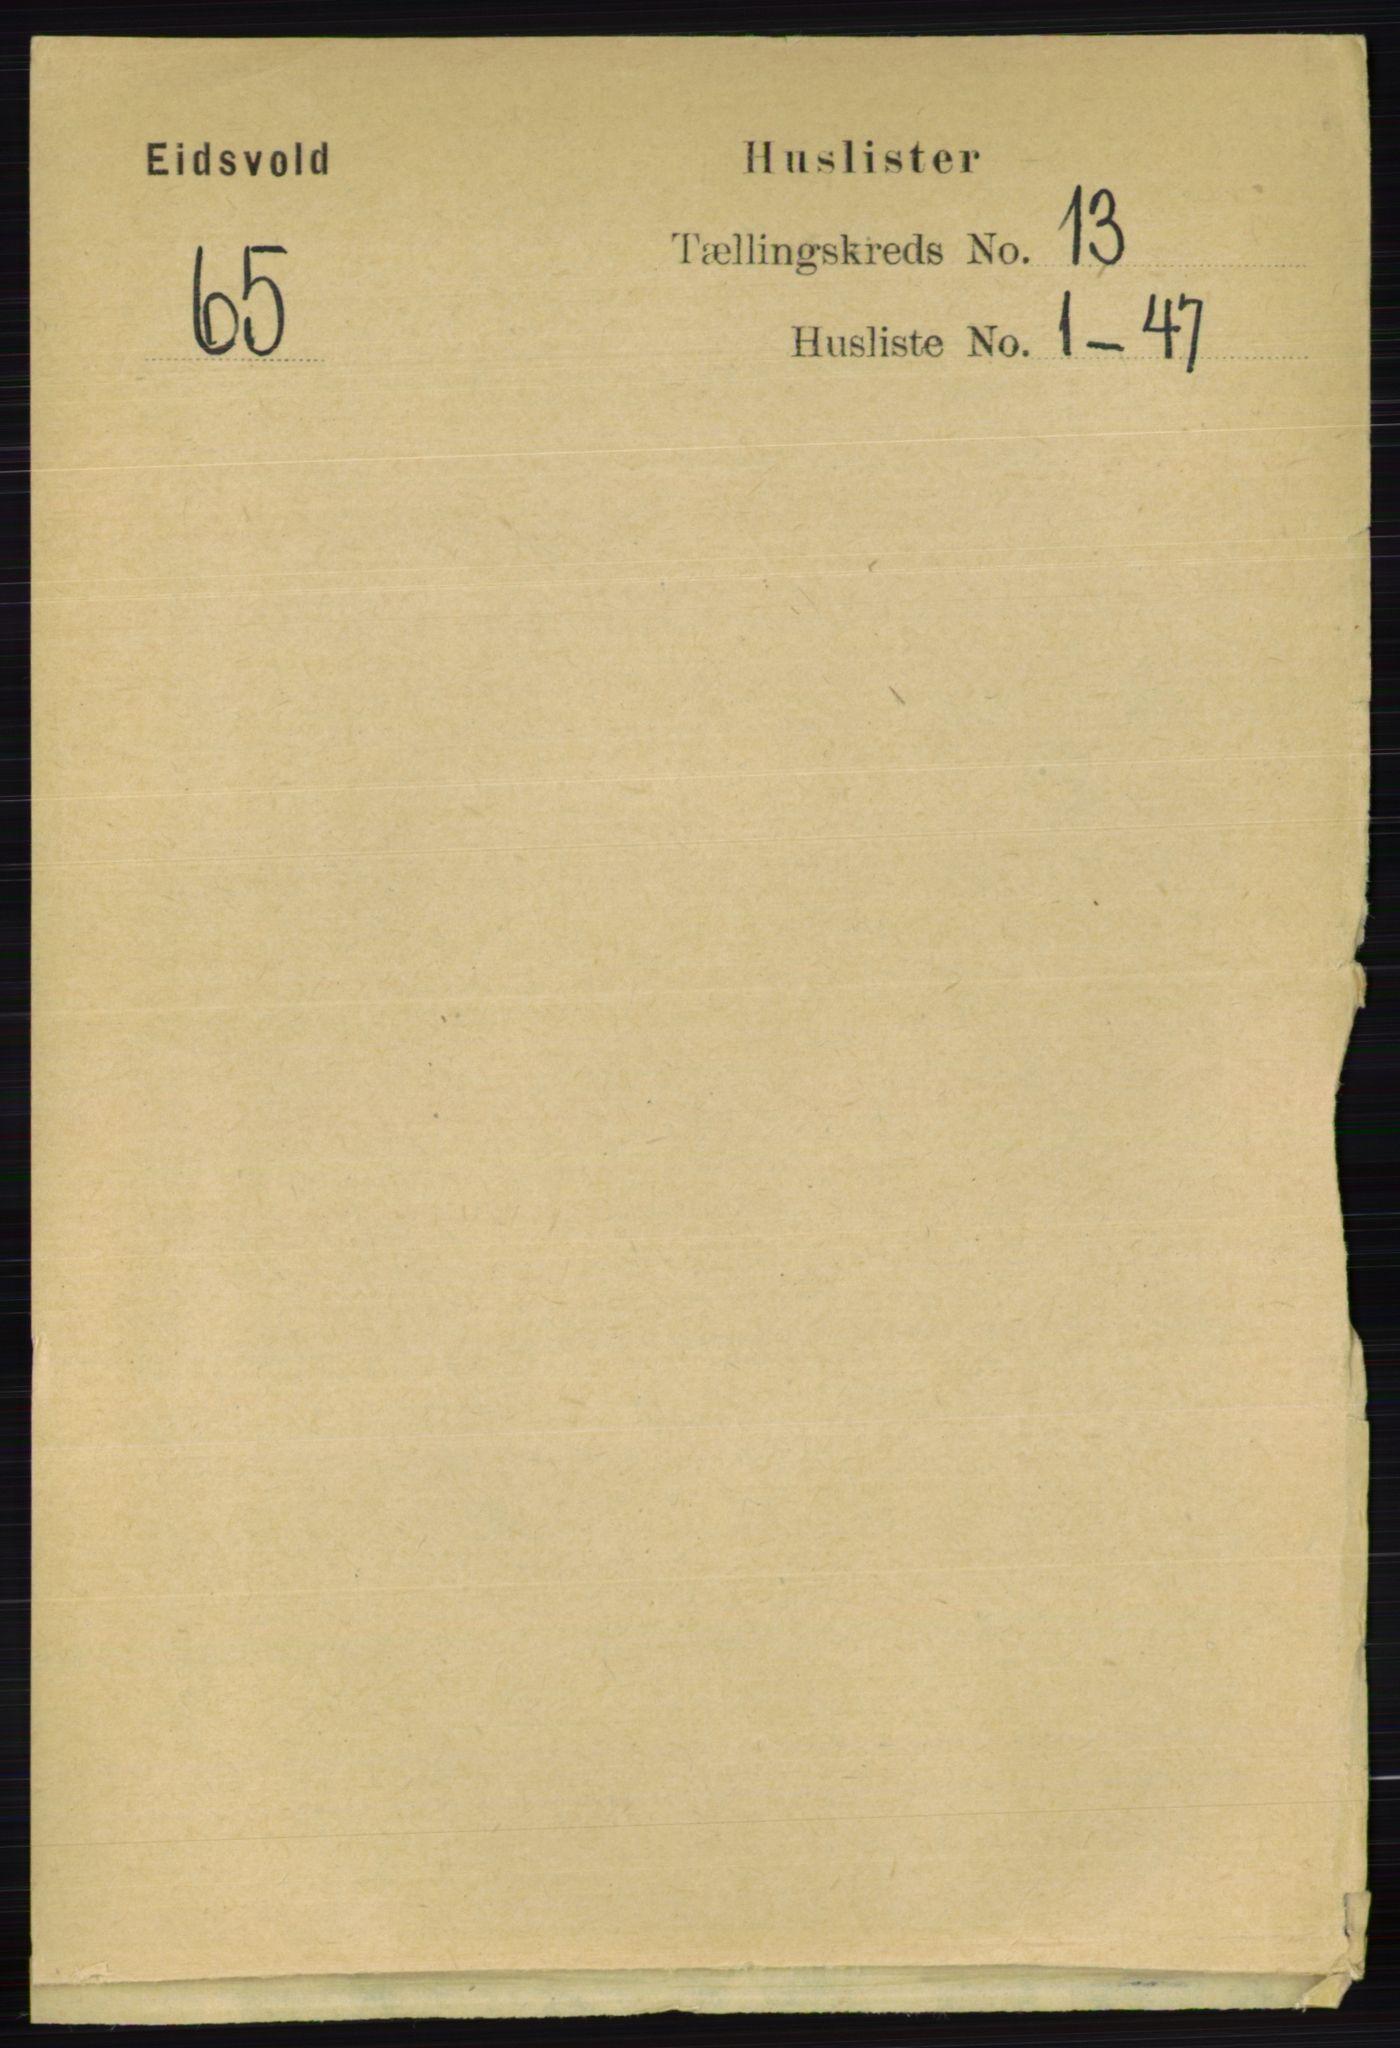 RA, Folketelling 1891 for 0237 Eidsvoll herred, 1891, s. 8943